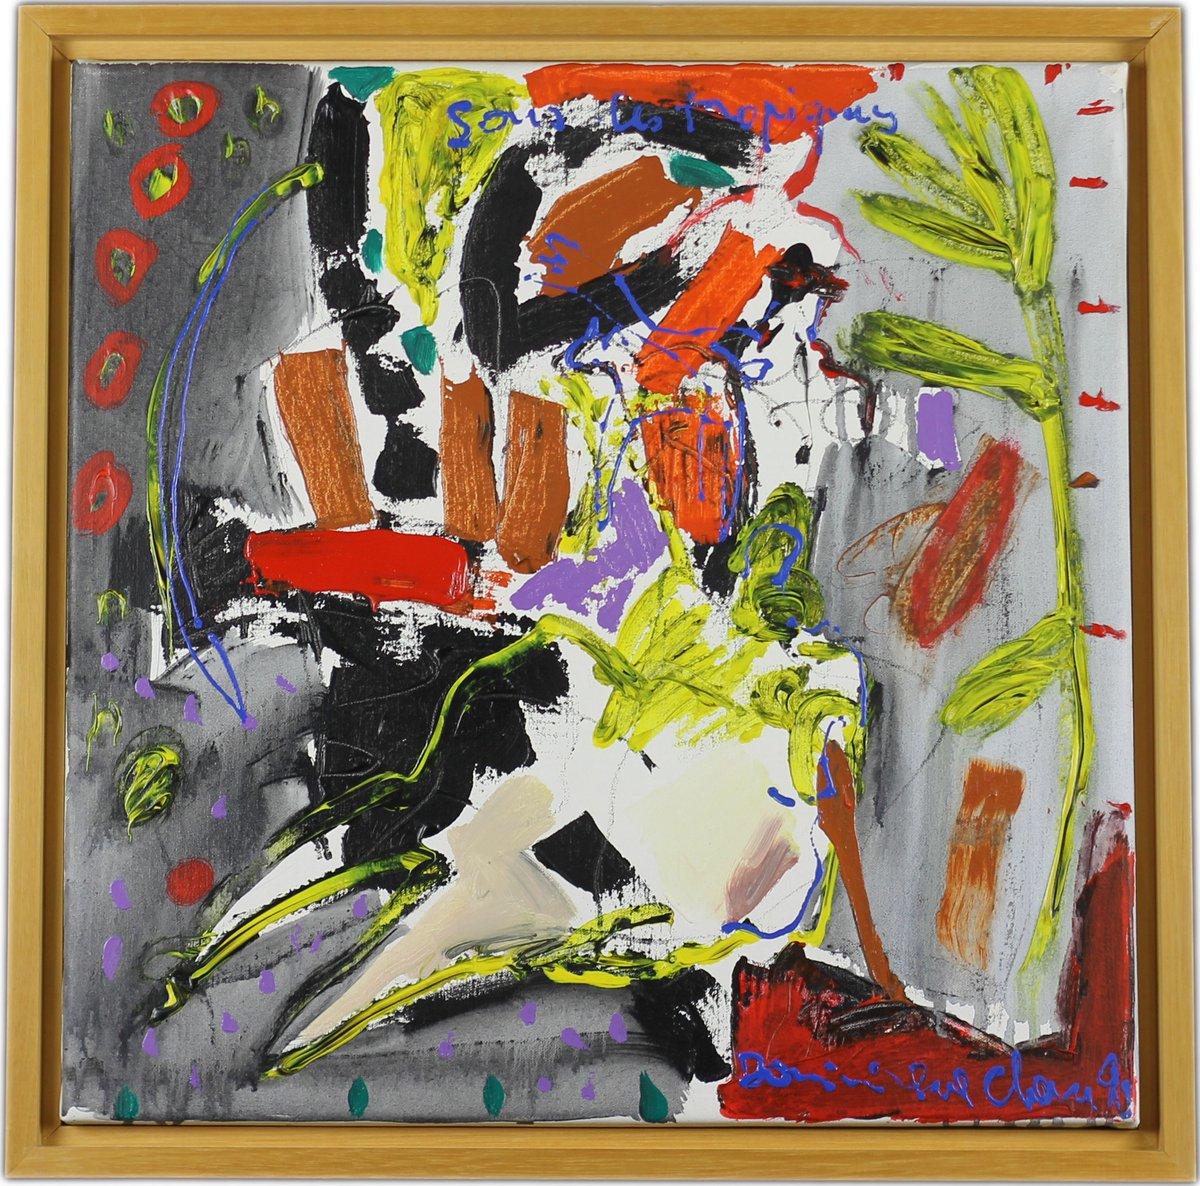 test Twitter Media - Titel La Saison des Pluies Kunstenaar Chan, Dominique Techniek Acryl Ondergrond Doek Buitenmaat (cm) Hoogte / Breedte 55 Binnenmaat (cm) Hoogte 50 / Breedte 50 Staat Uitstekend (ingelijst) Bieden kan tot zondag 28 juli 20.00 uur Link https://t.co/u53LeMXzd7  #art #veiling #kunst https://t.co/chOCtObW5a